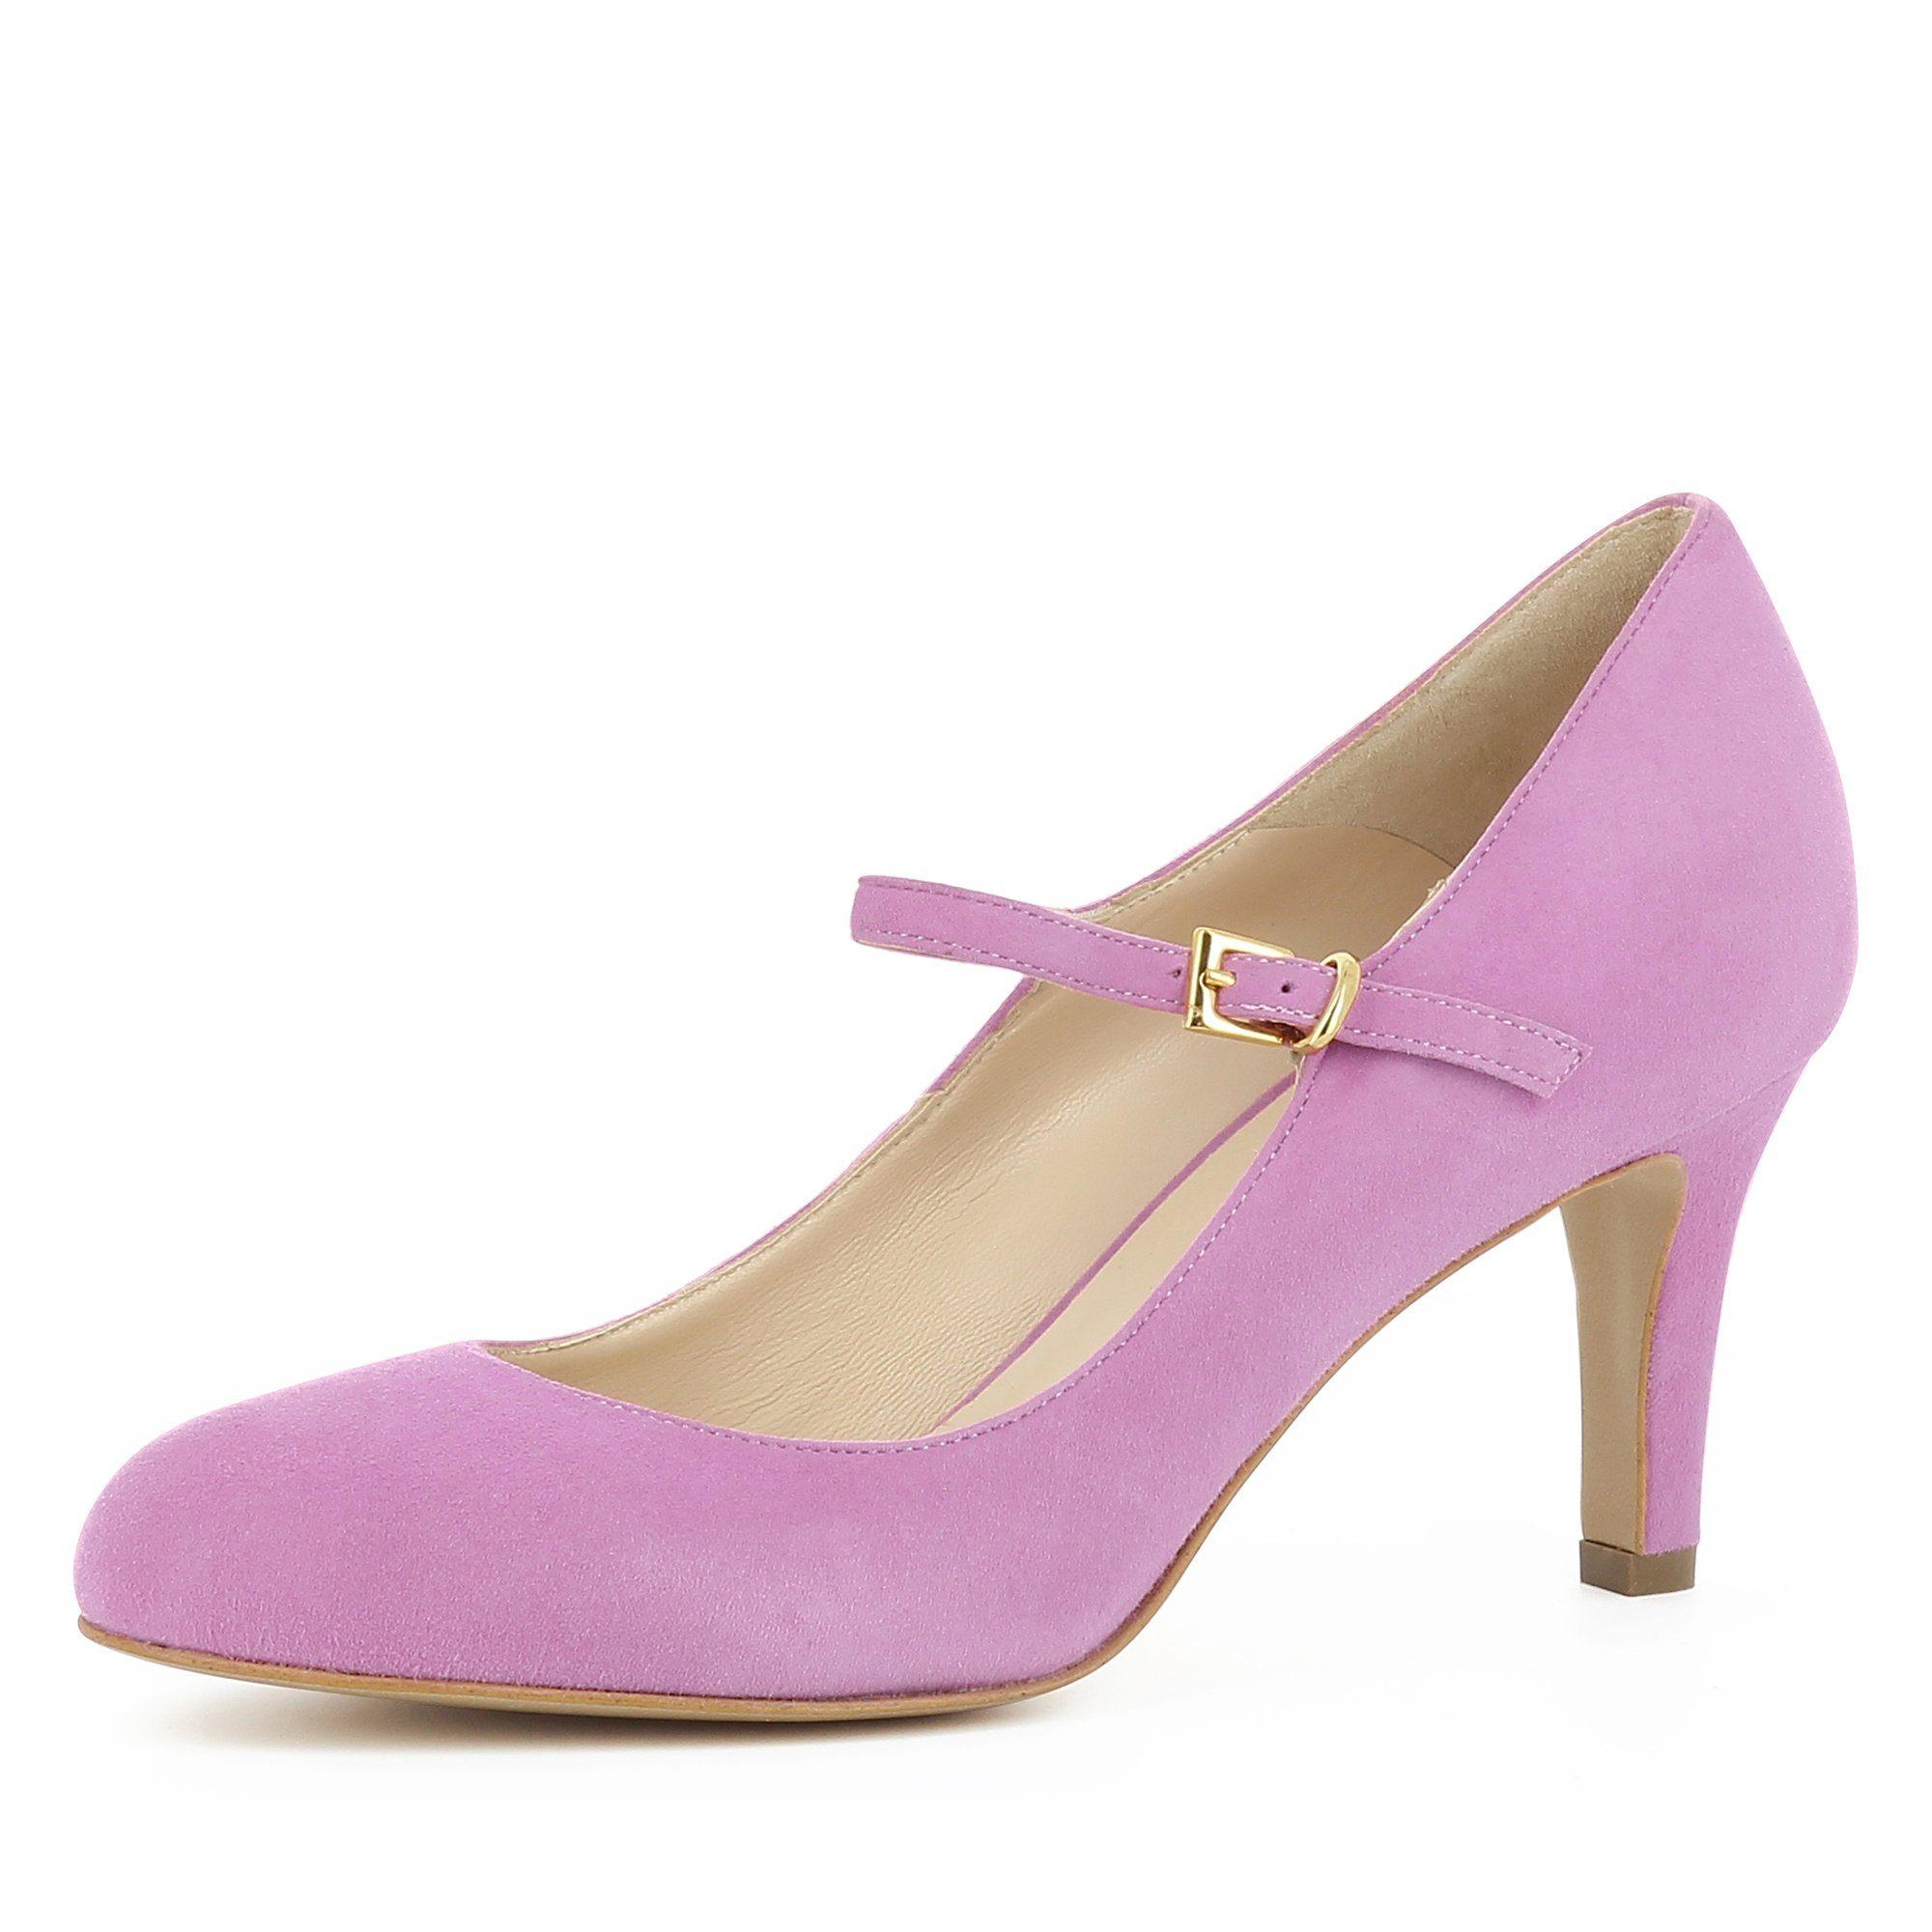 Evita BIANCA Pumps online kaufen  lila